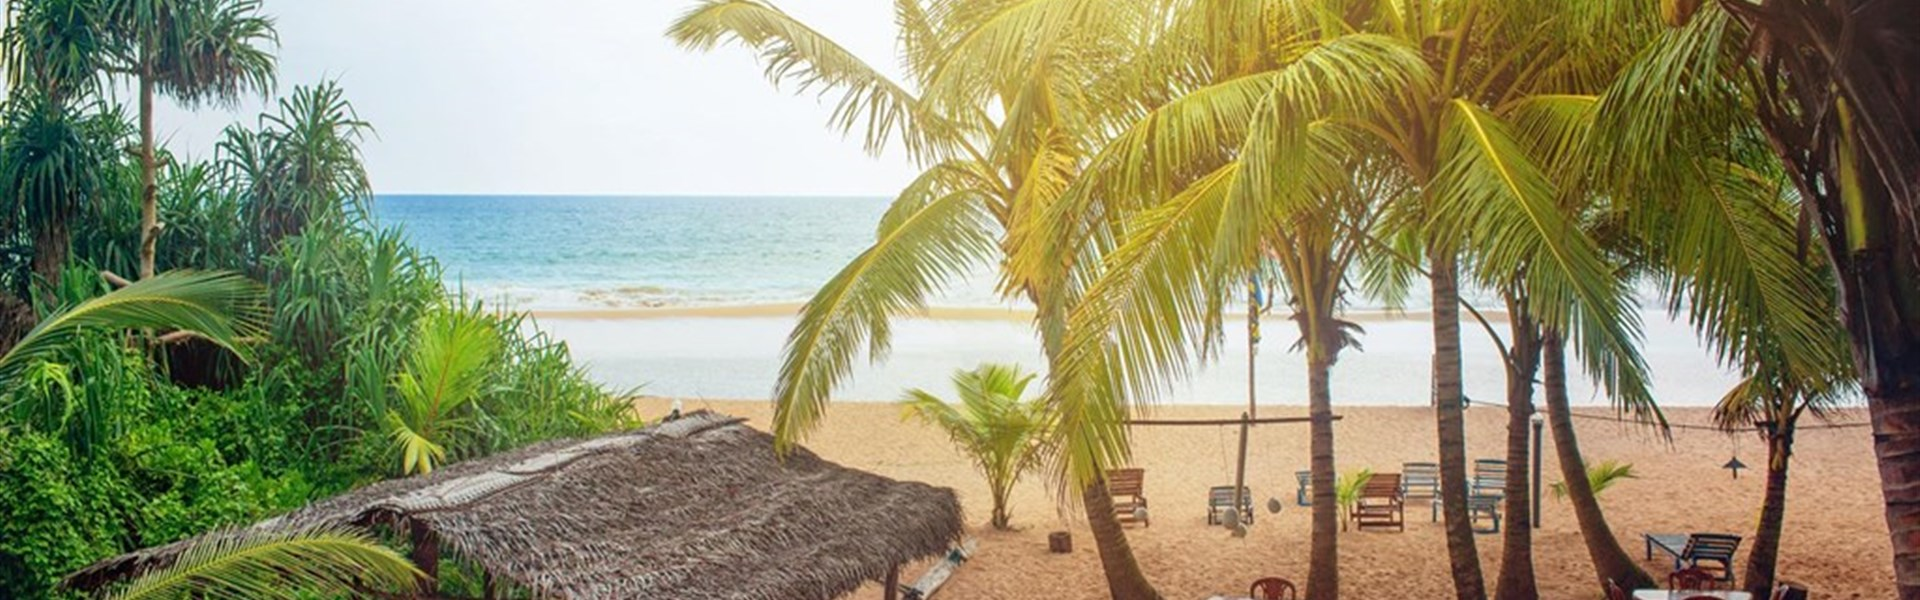 Velikonoce na Srí Lance s českým průvodcem a pobytem u moře -